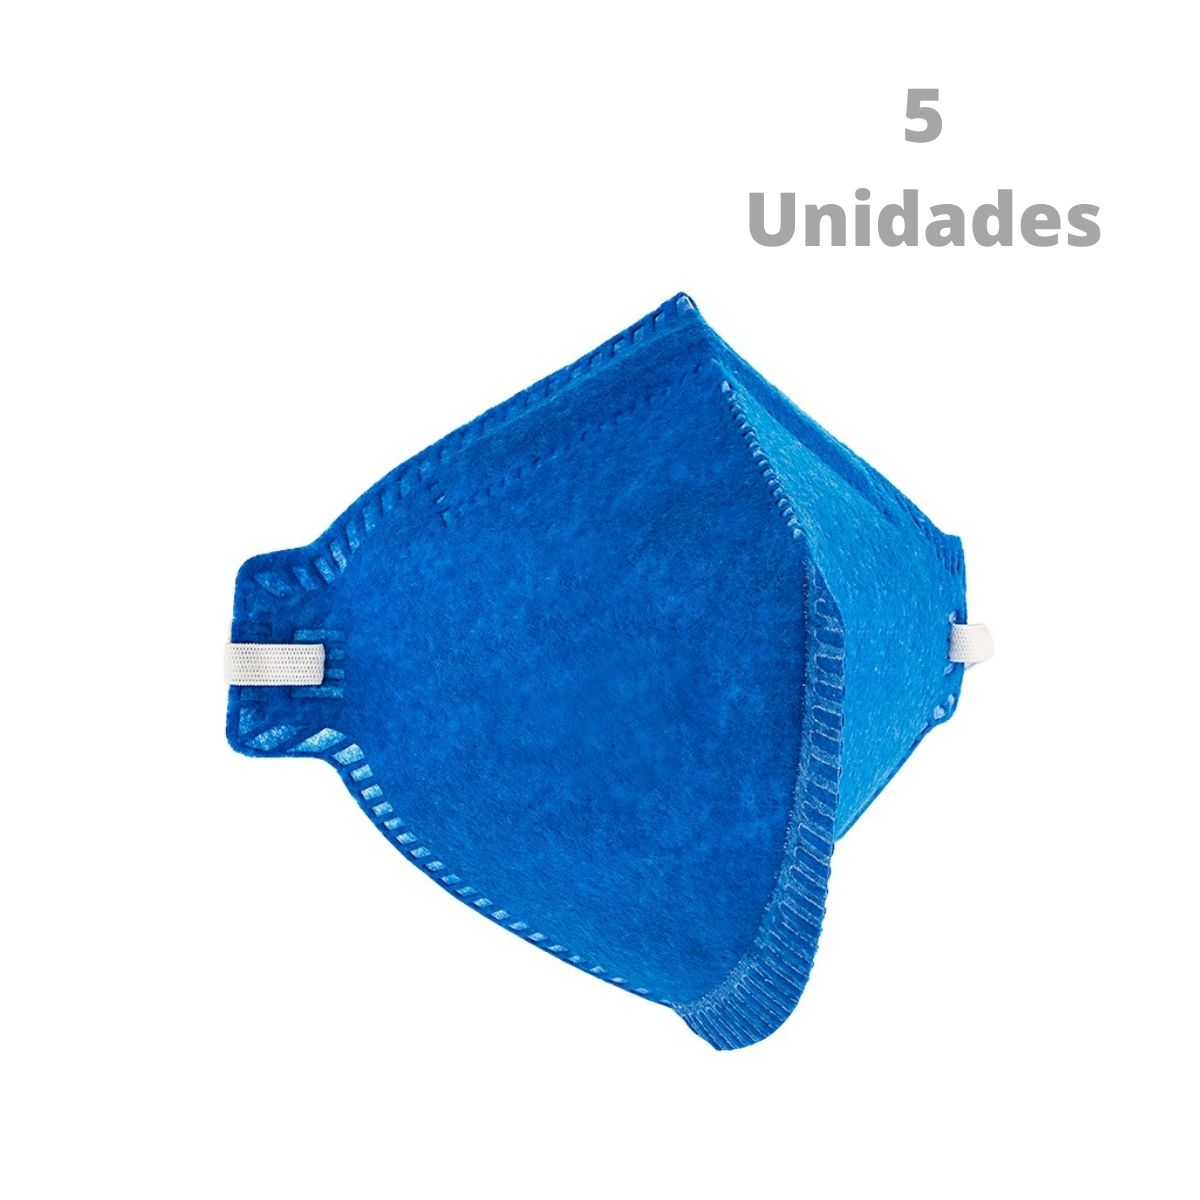 Kit 5 Peças Máscara Respiratória S/ Válvula PFF2 Delta Plus